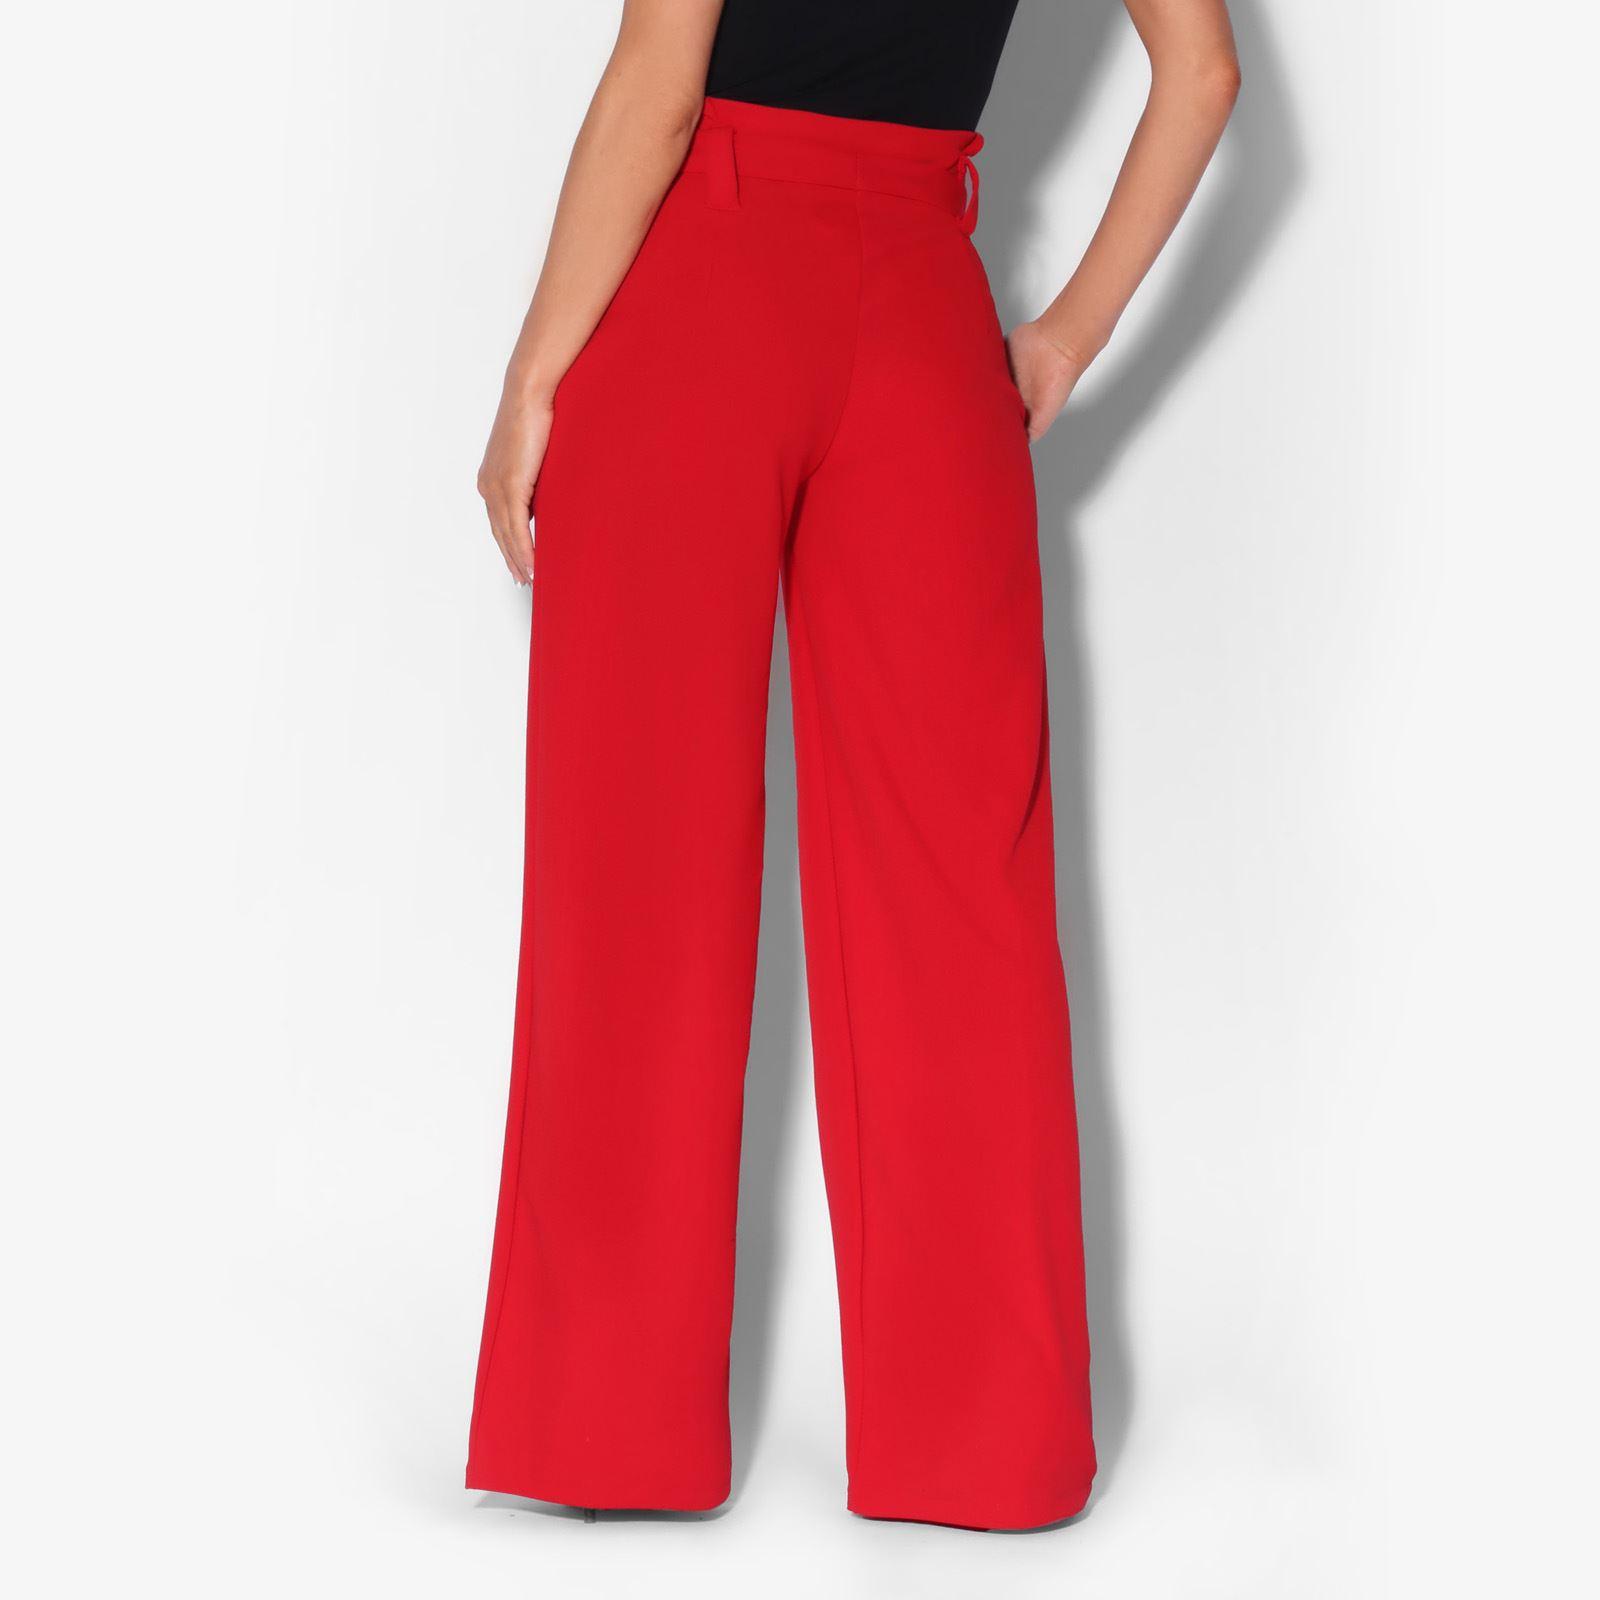 Pantalon-Femme-Grande-Taille-Ceinture-Haute-Pas-Cher-Evase-Fluide-Chic-Ample miniature 7